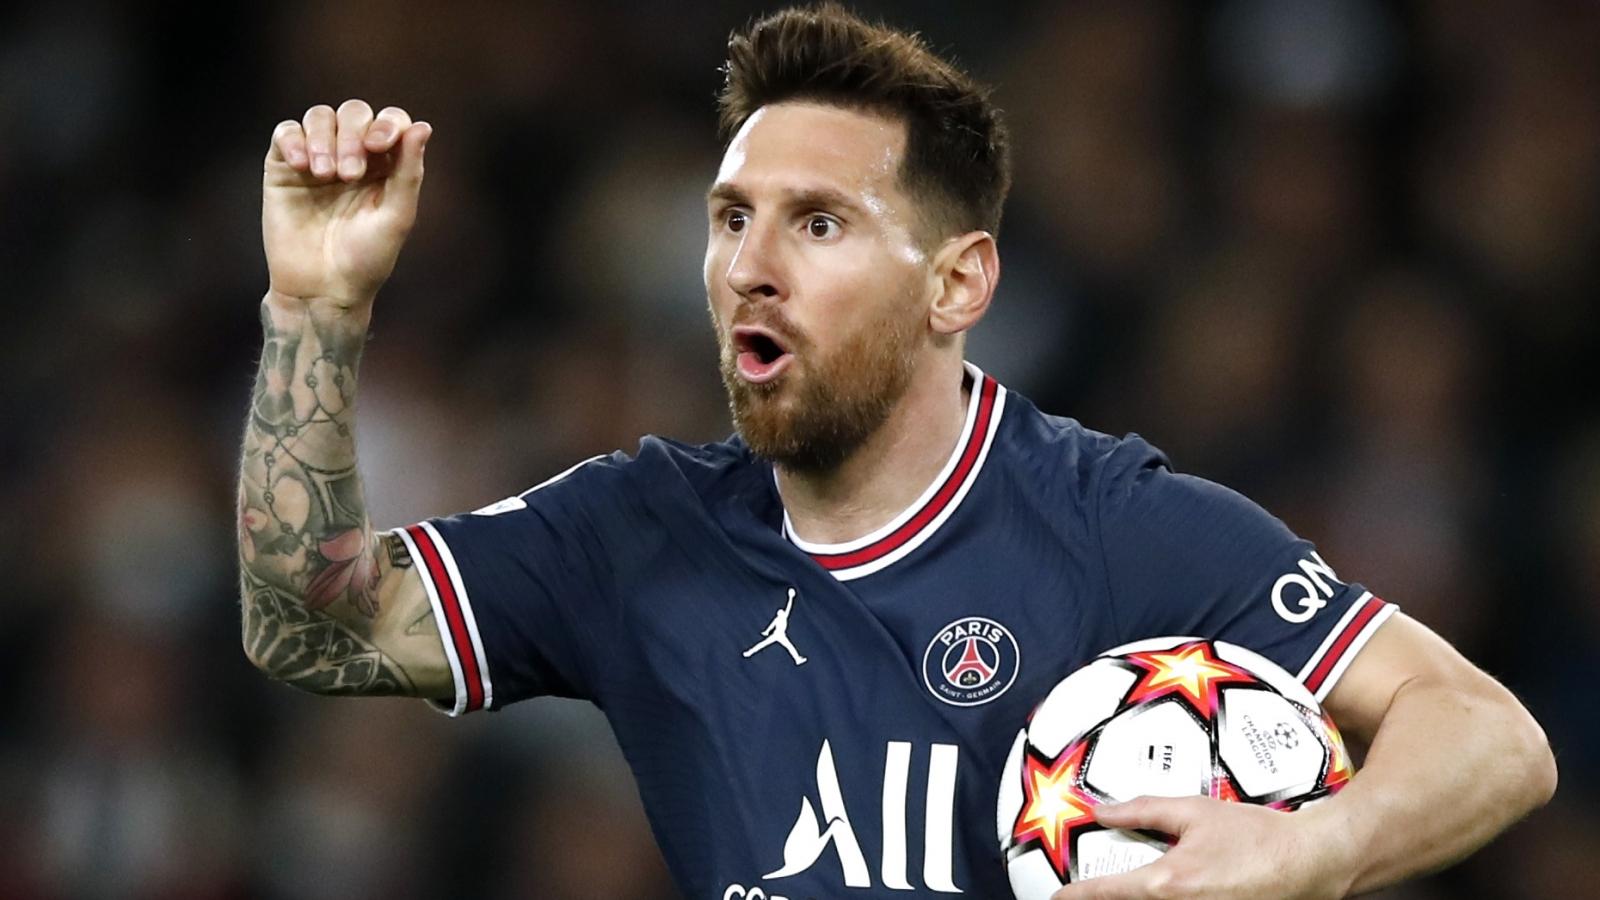 Trực tiếp PSG 3-2 RB Leipzig: Messi lên tiếng đúng lúc